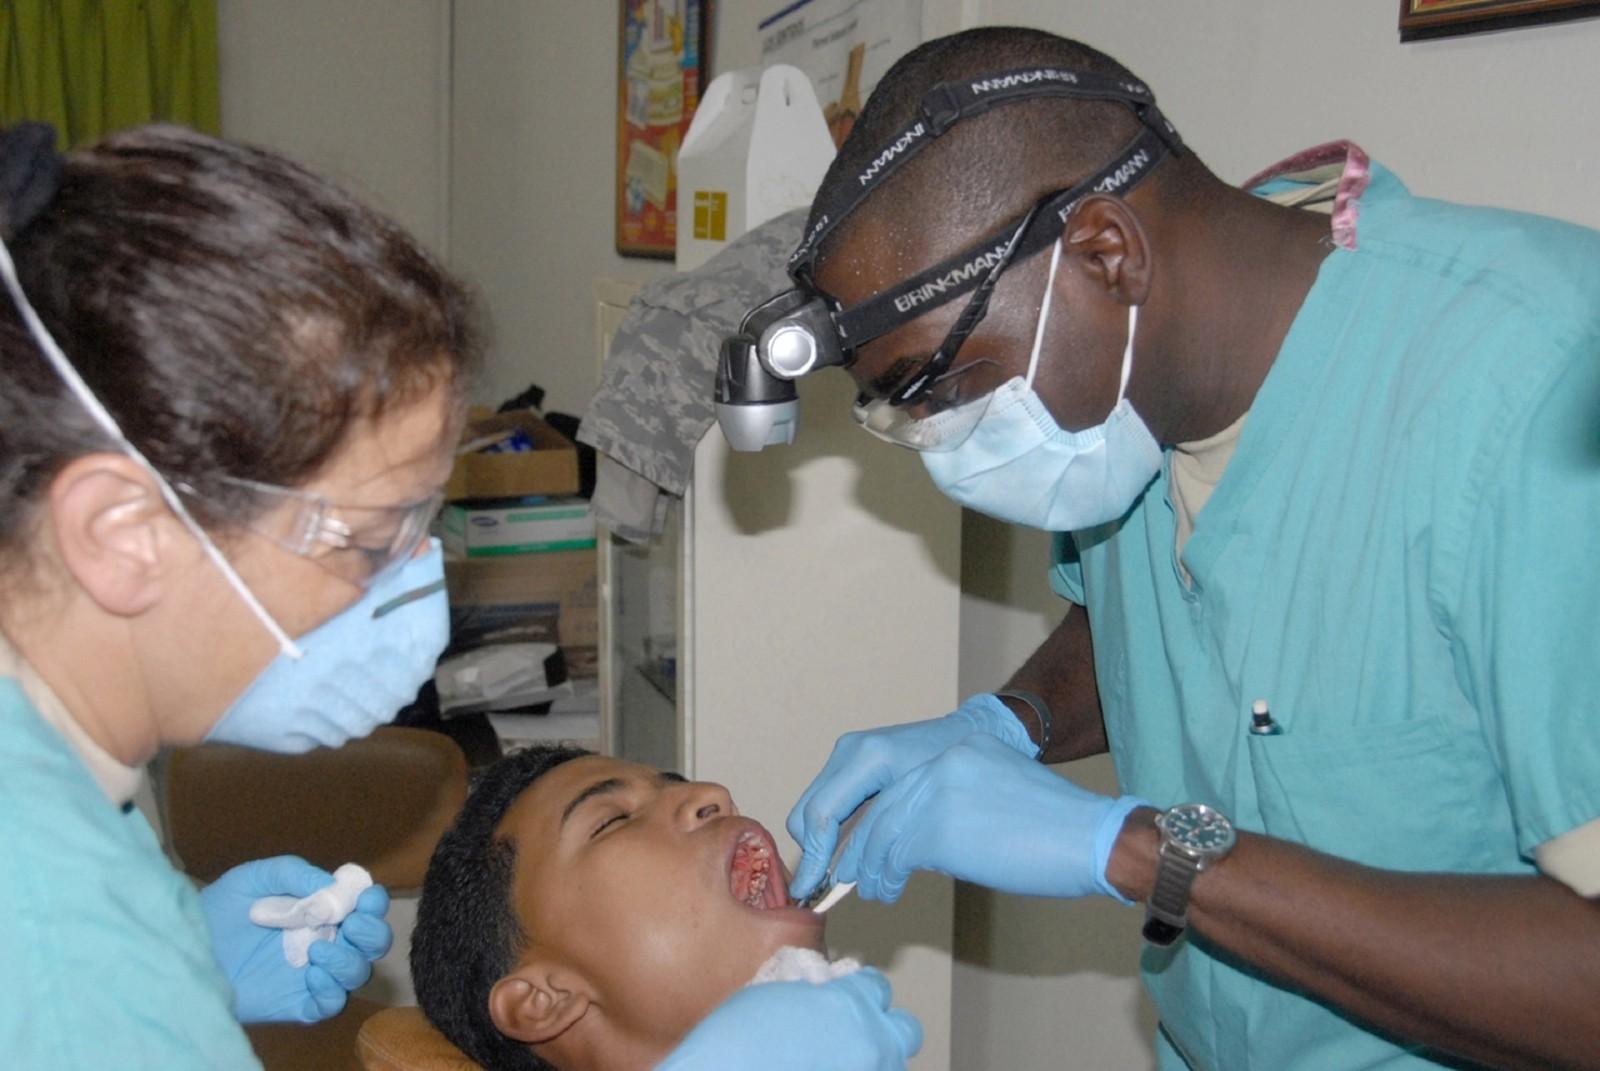 Naprawa protez w gabinetach stomatologicznych